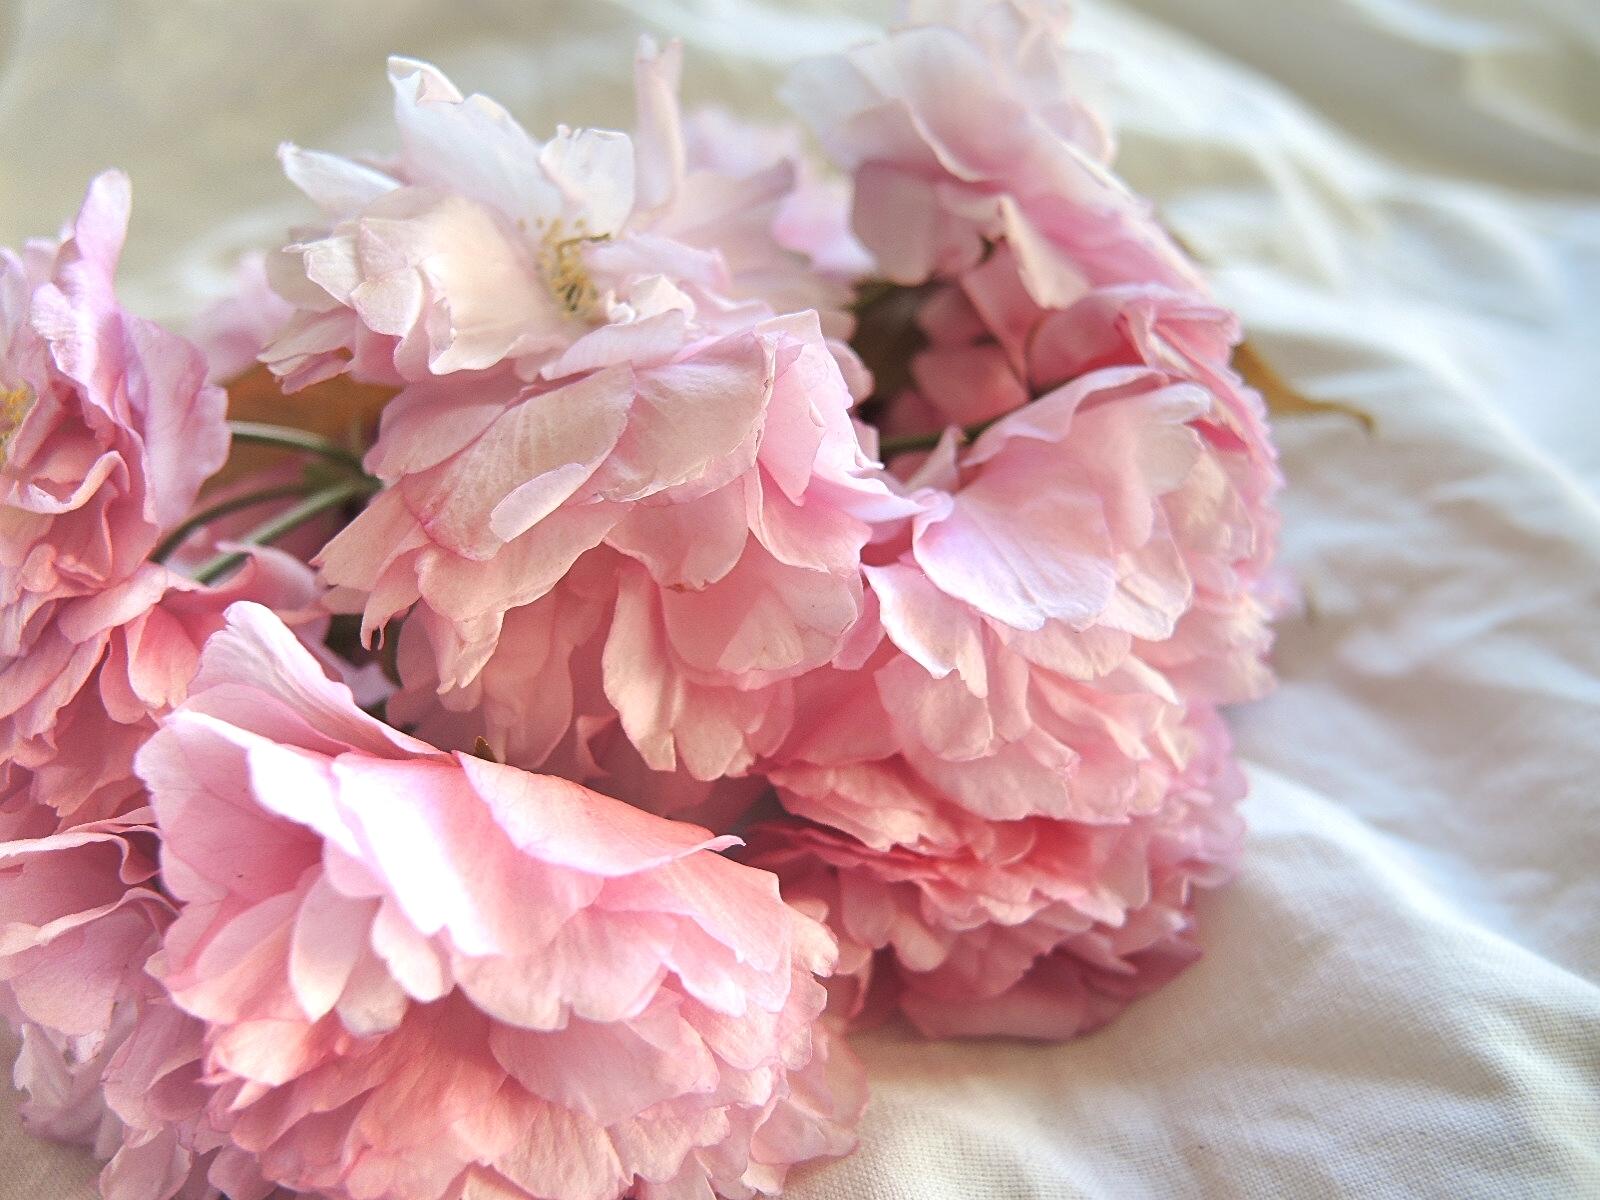 Moois van ' m(i)e': roze wolkjes a volonté